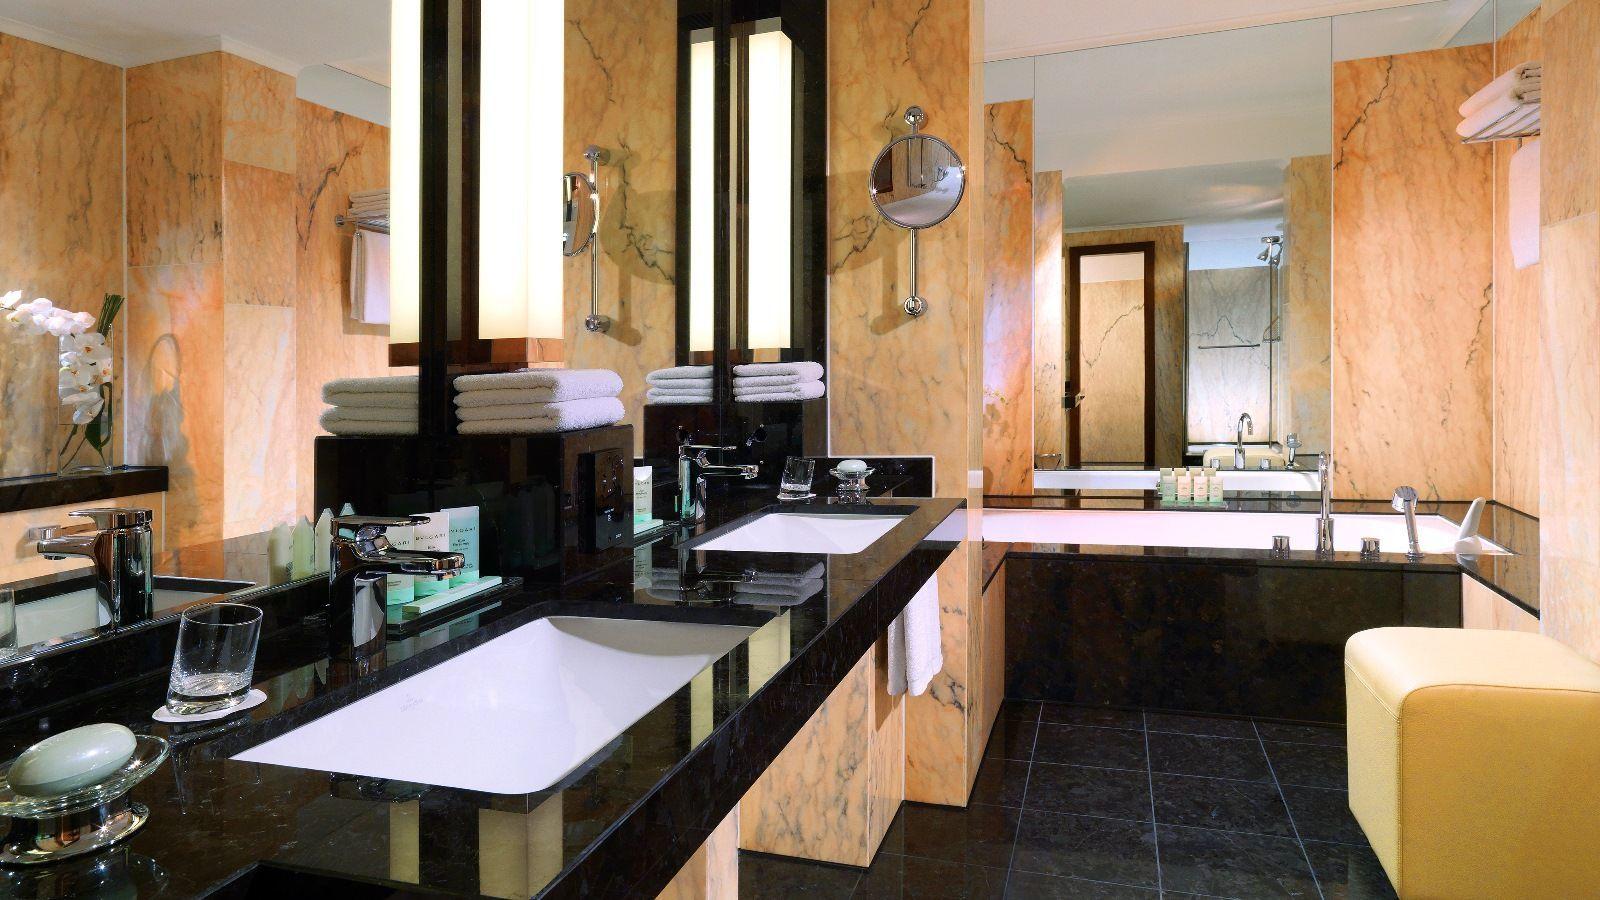 Whirlpool Frankfurt das badezimmer der präsidenten suite verfügt über einen eigenen